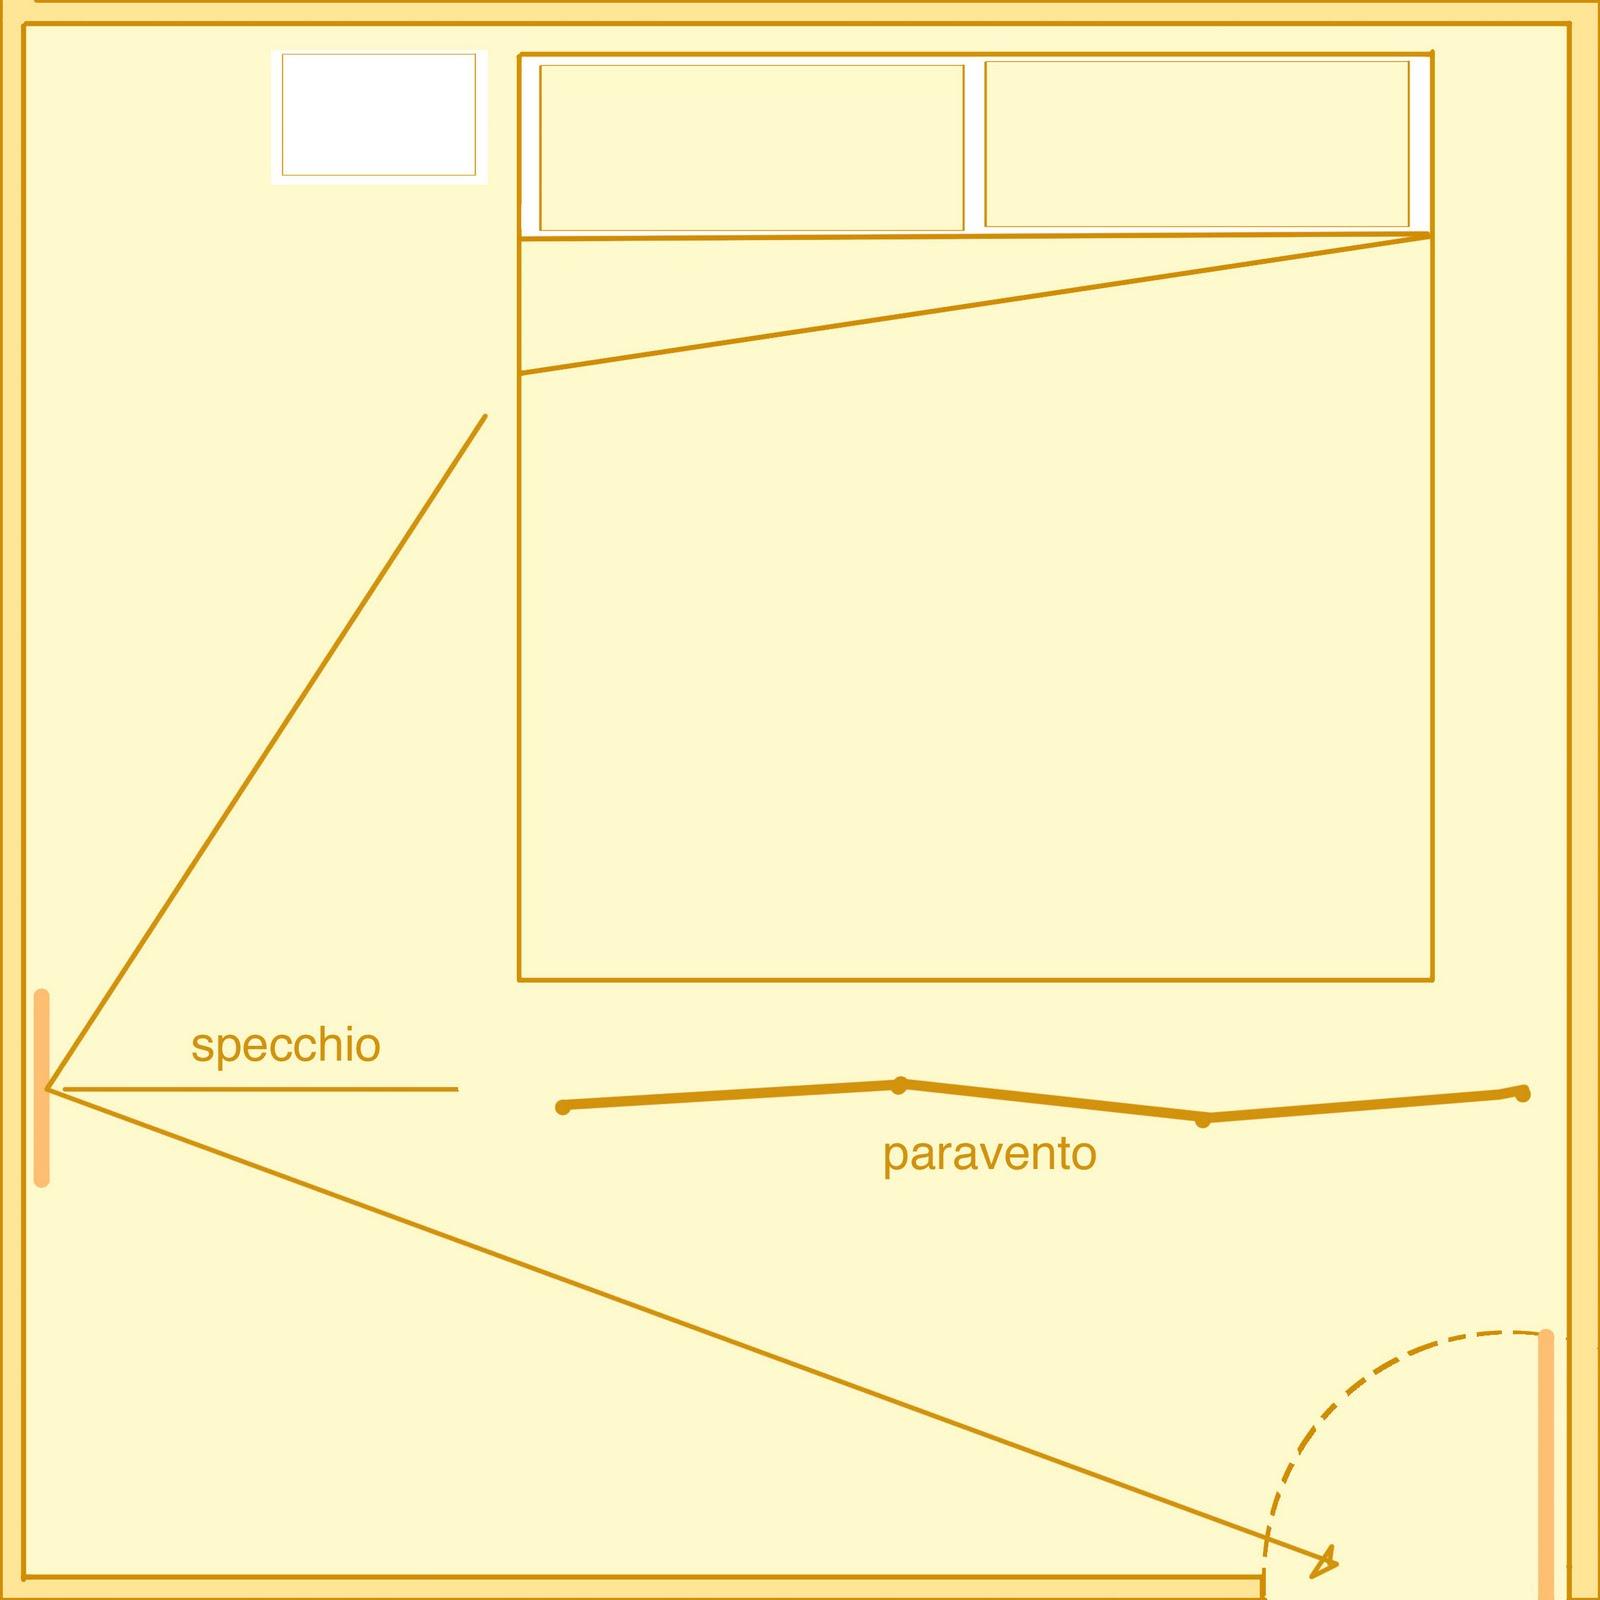 Arredamenti diotti a f blog arredamento part 9 - Feng shui specchio camera letto ...